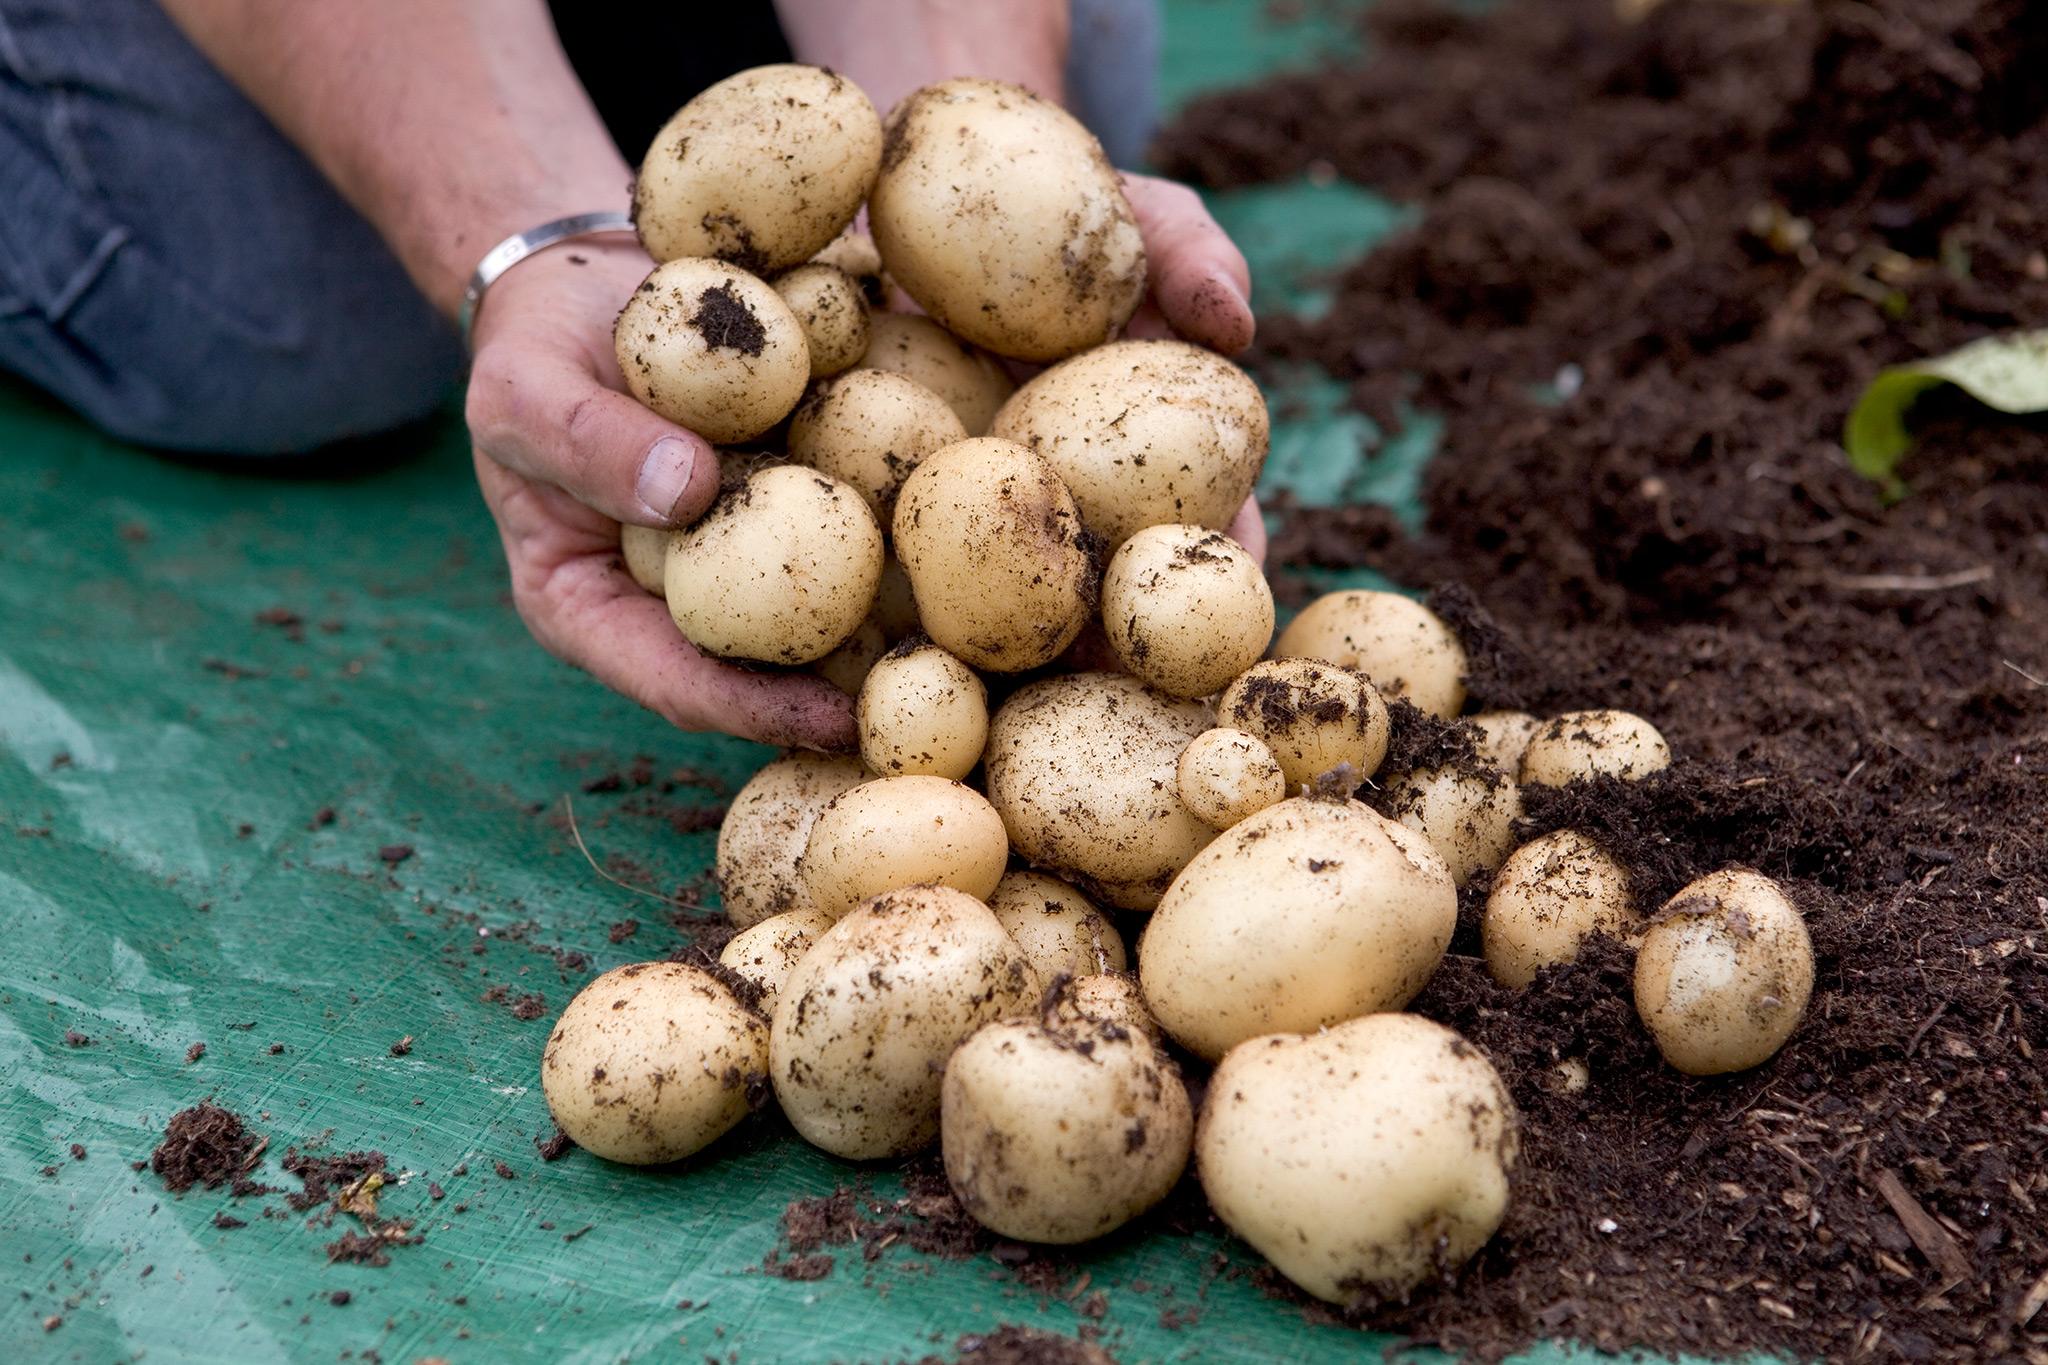 harvesting-potatoes-13